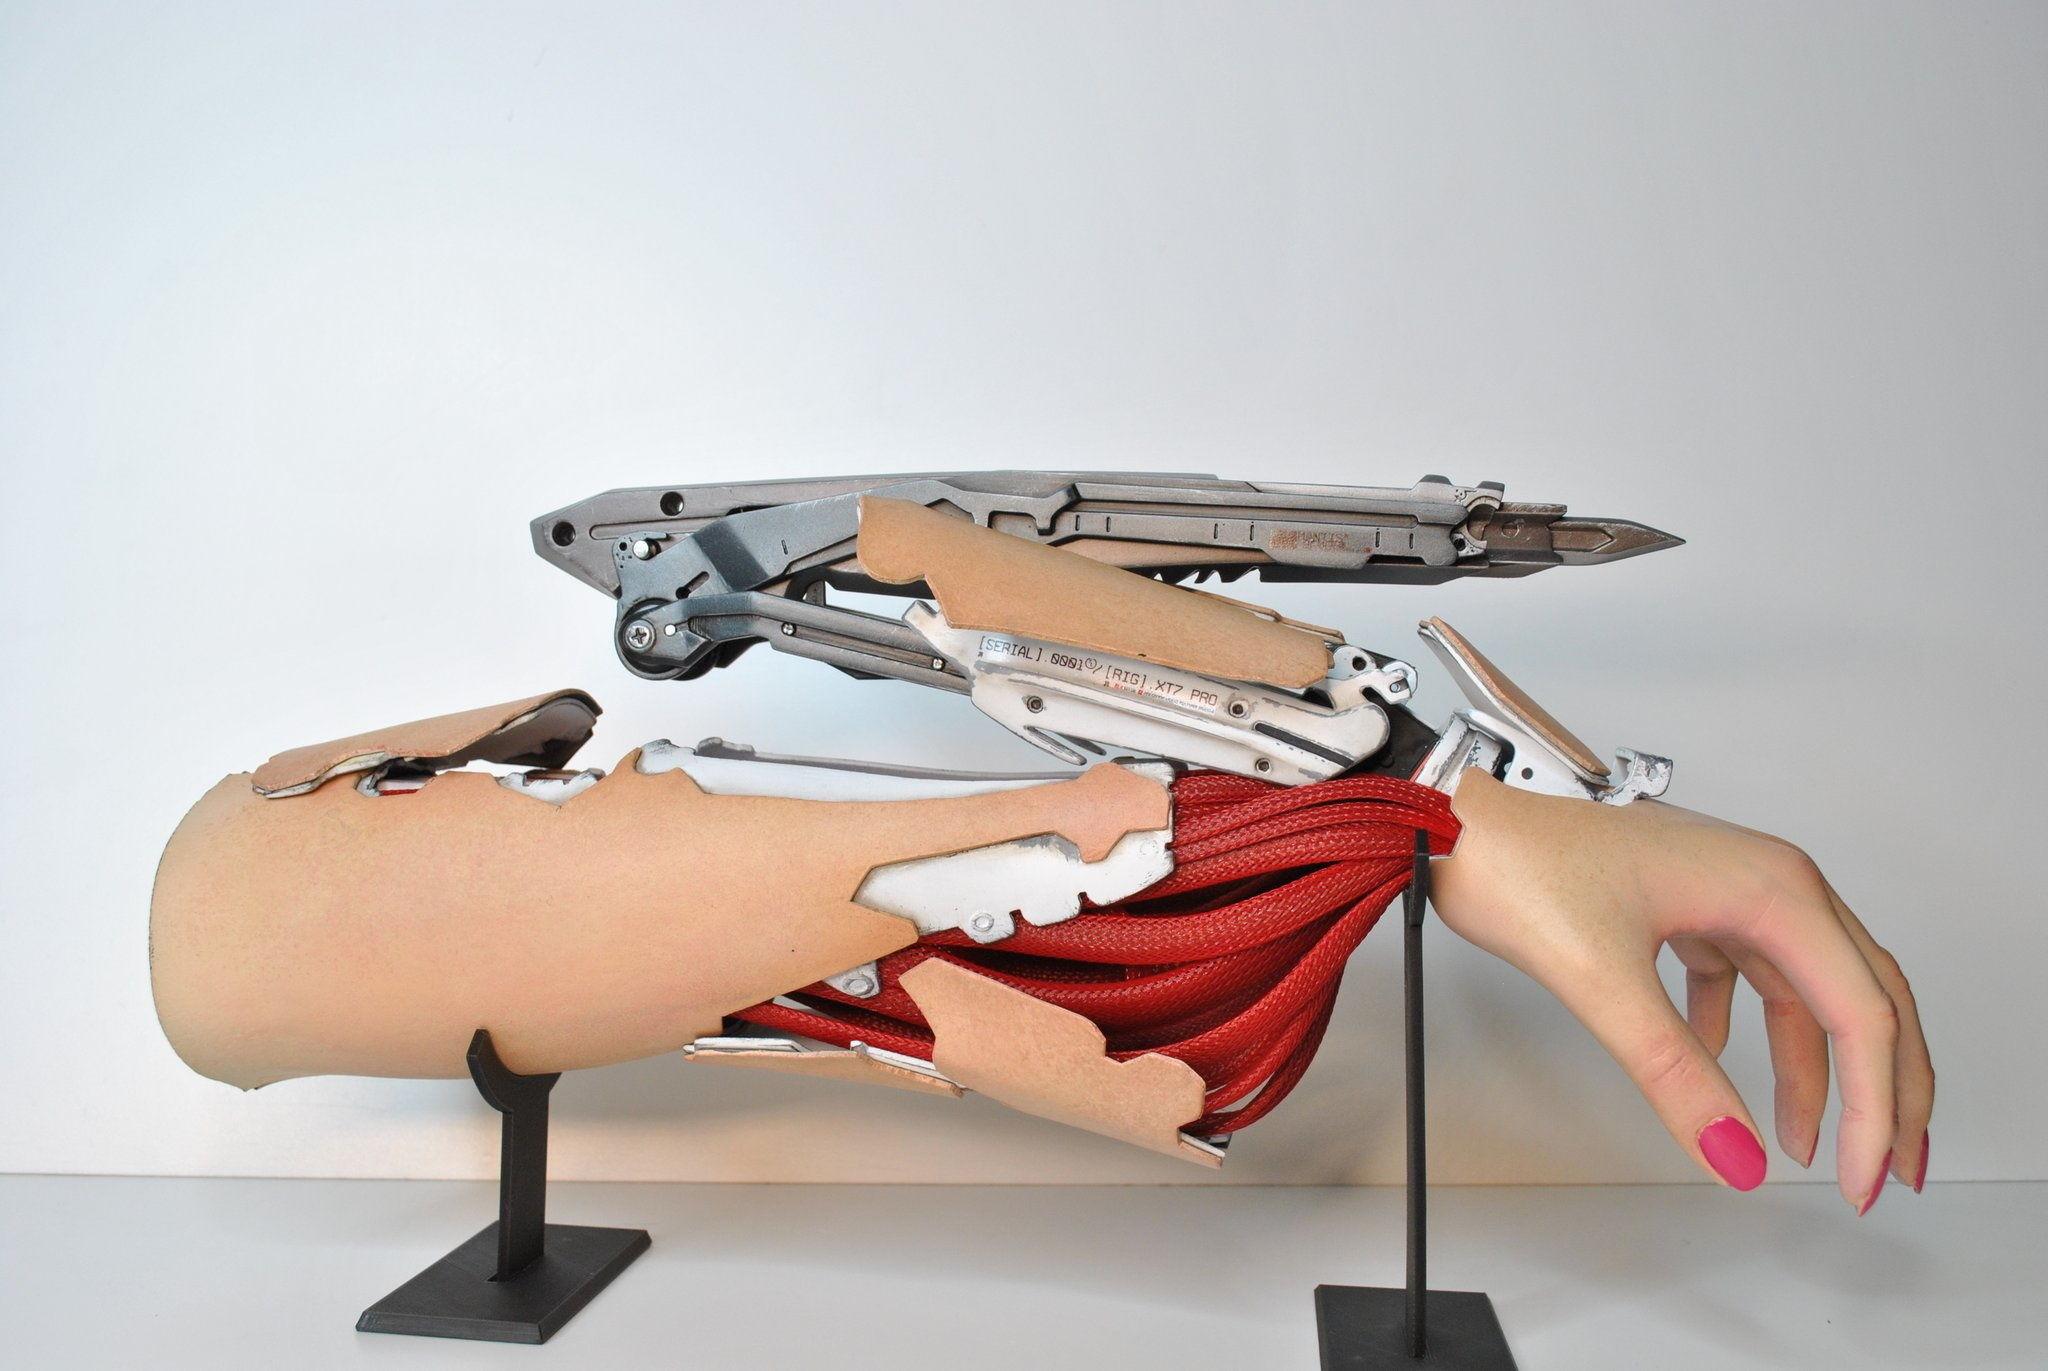 """Частичка """"Киберпанка"""" в реальности: Чехи создали потрясающую механическую руку в стиле Cyberpunk 2077"""